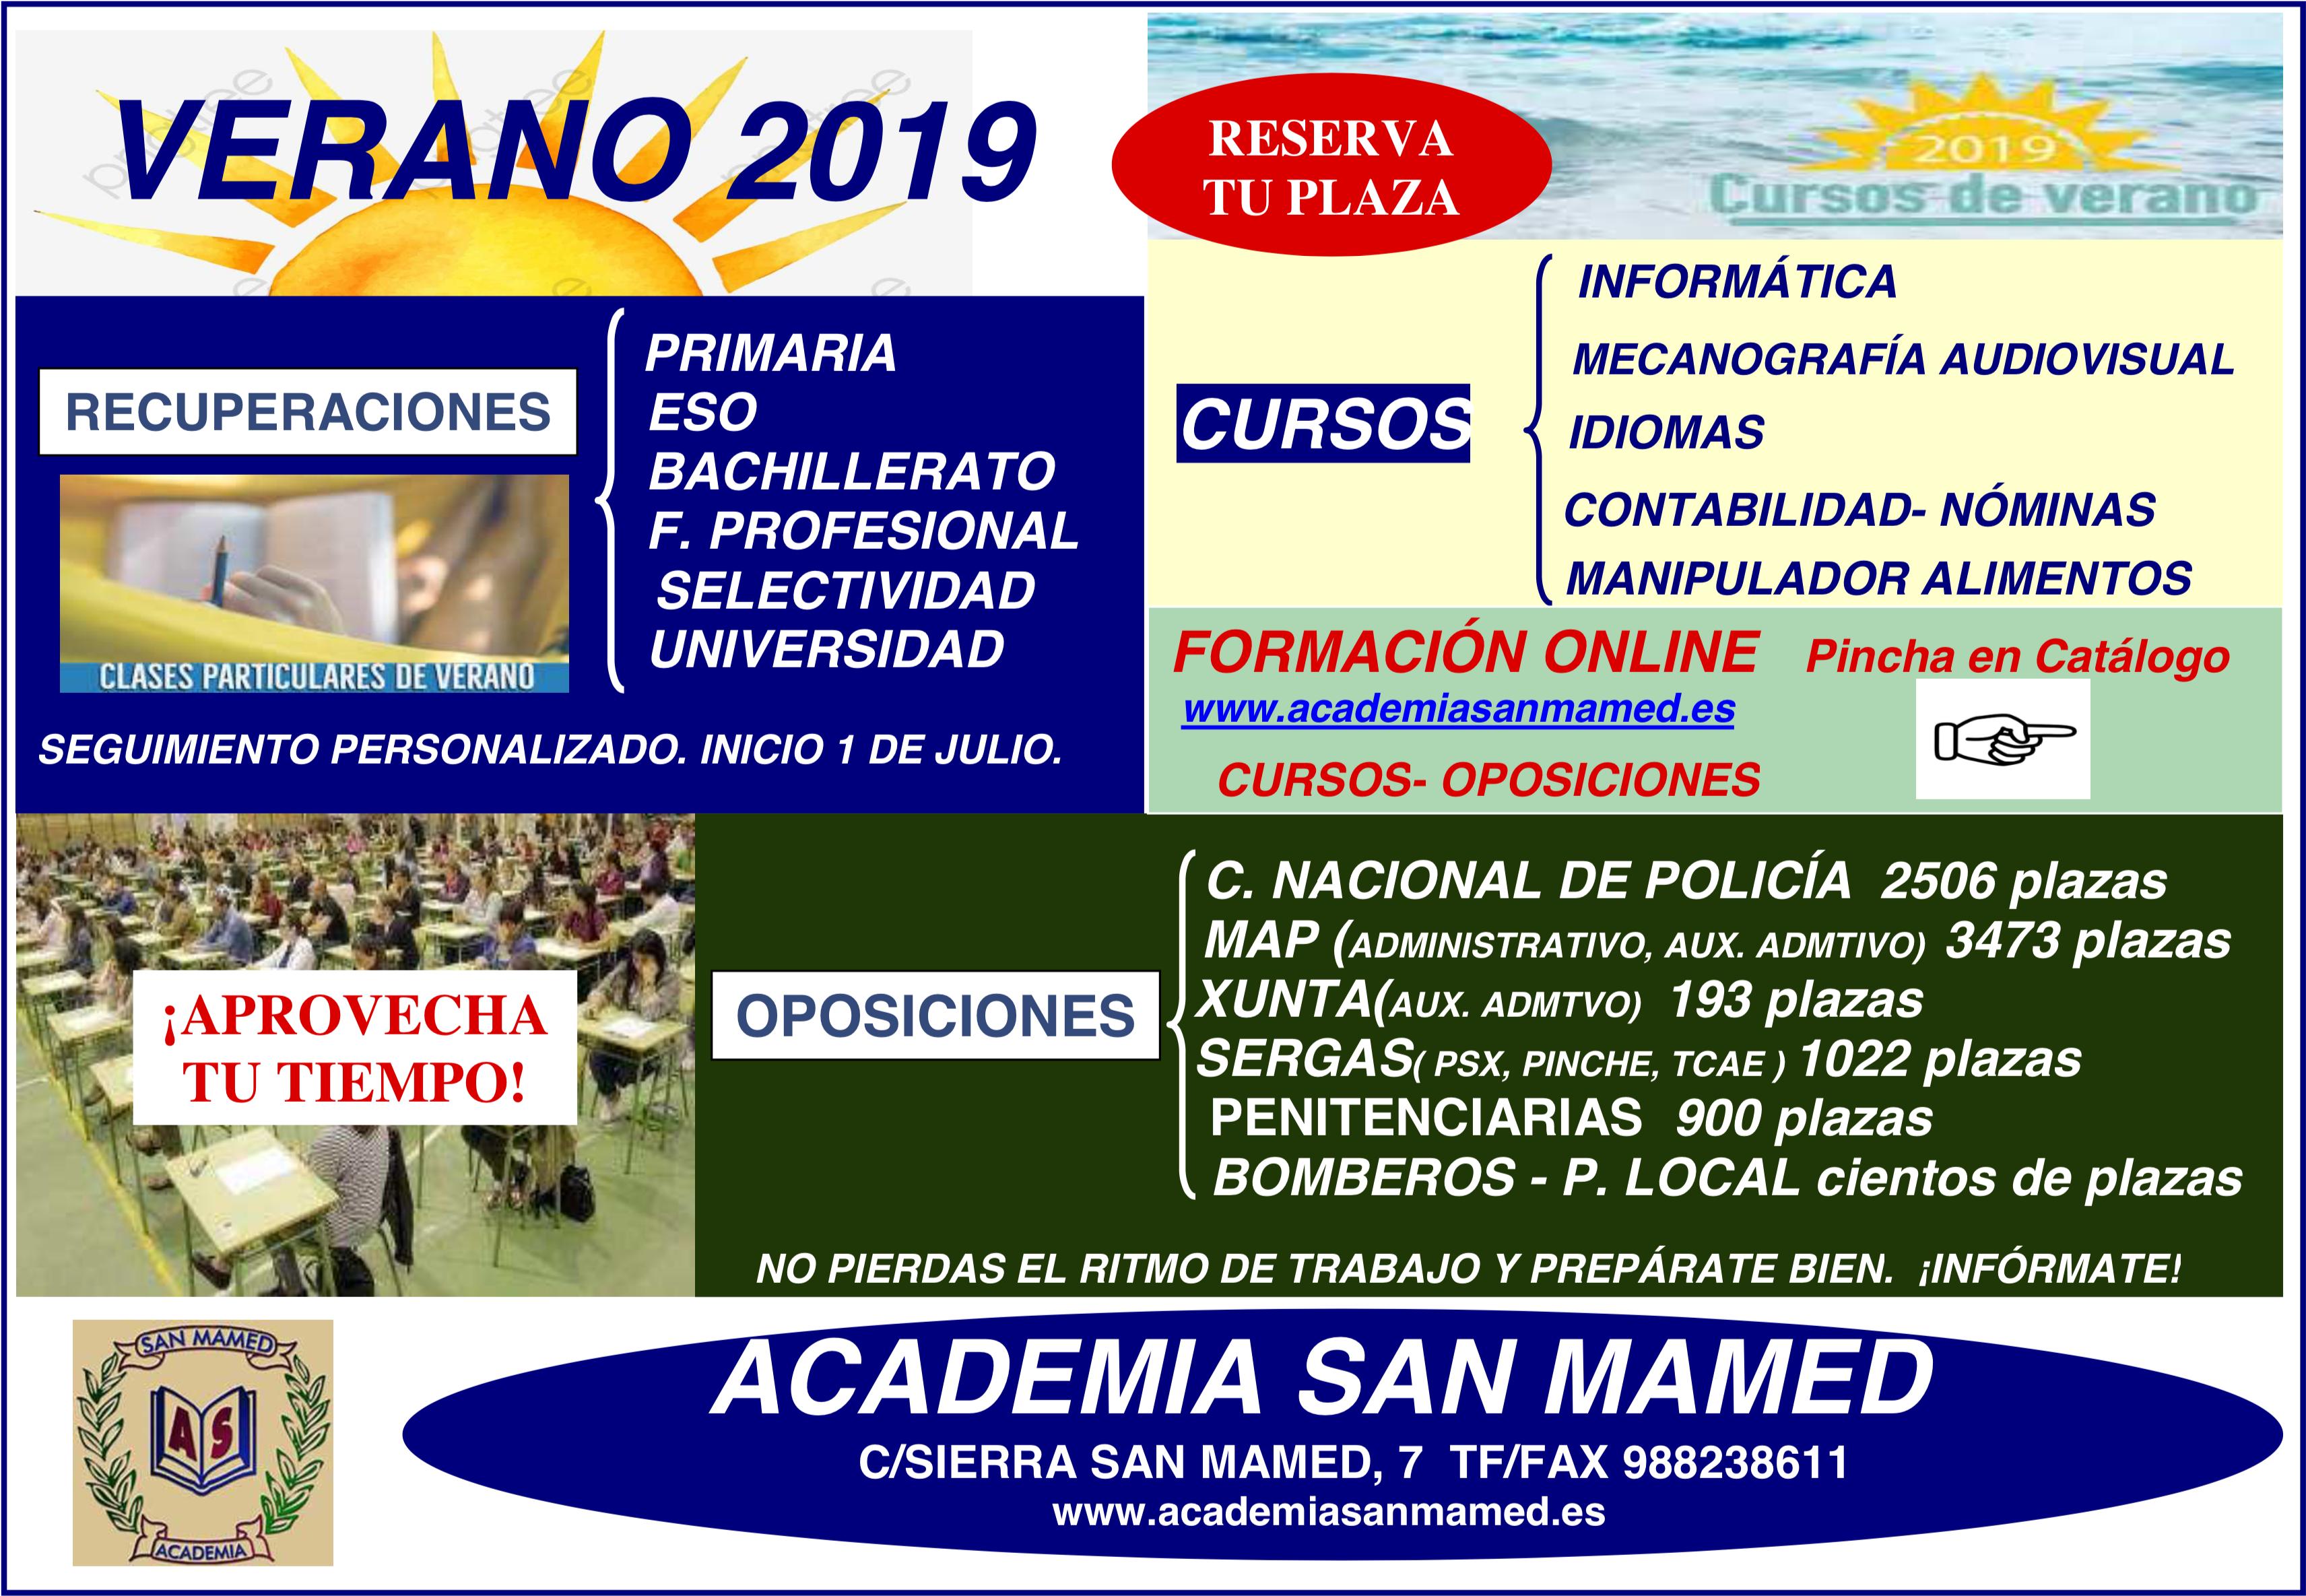 verano-2019